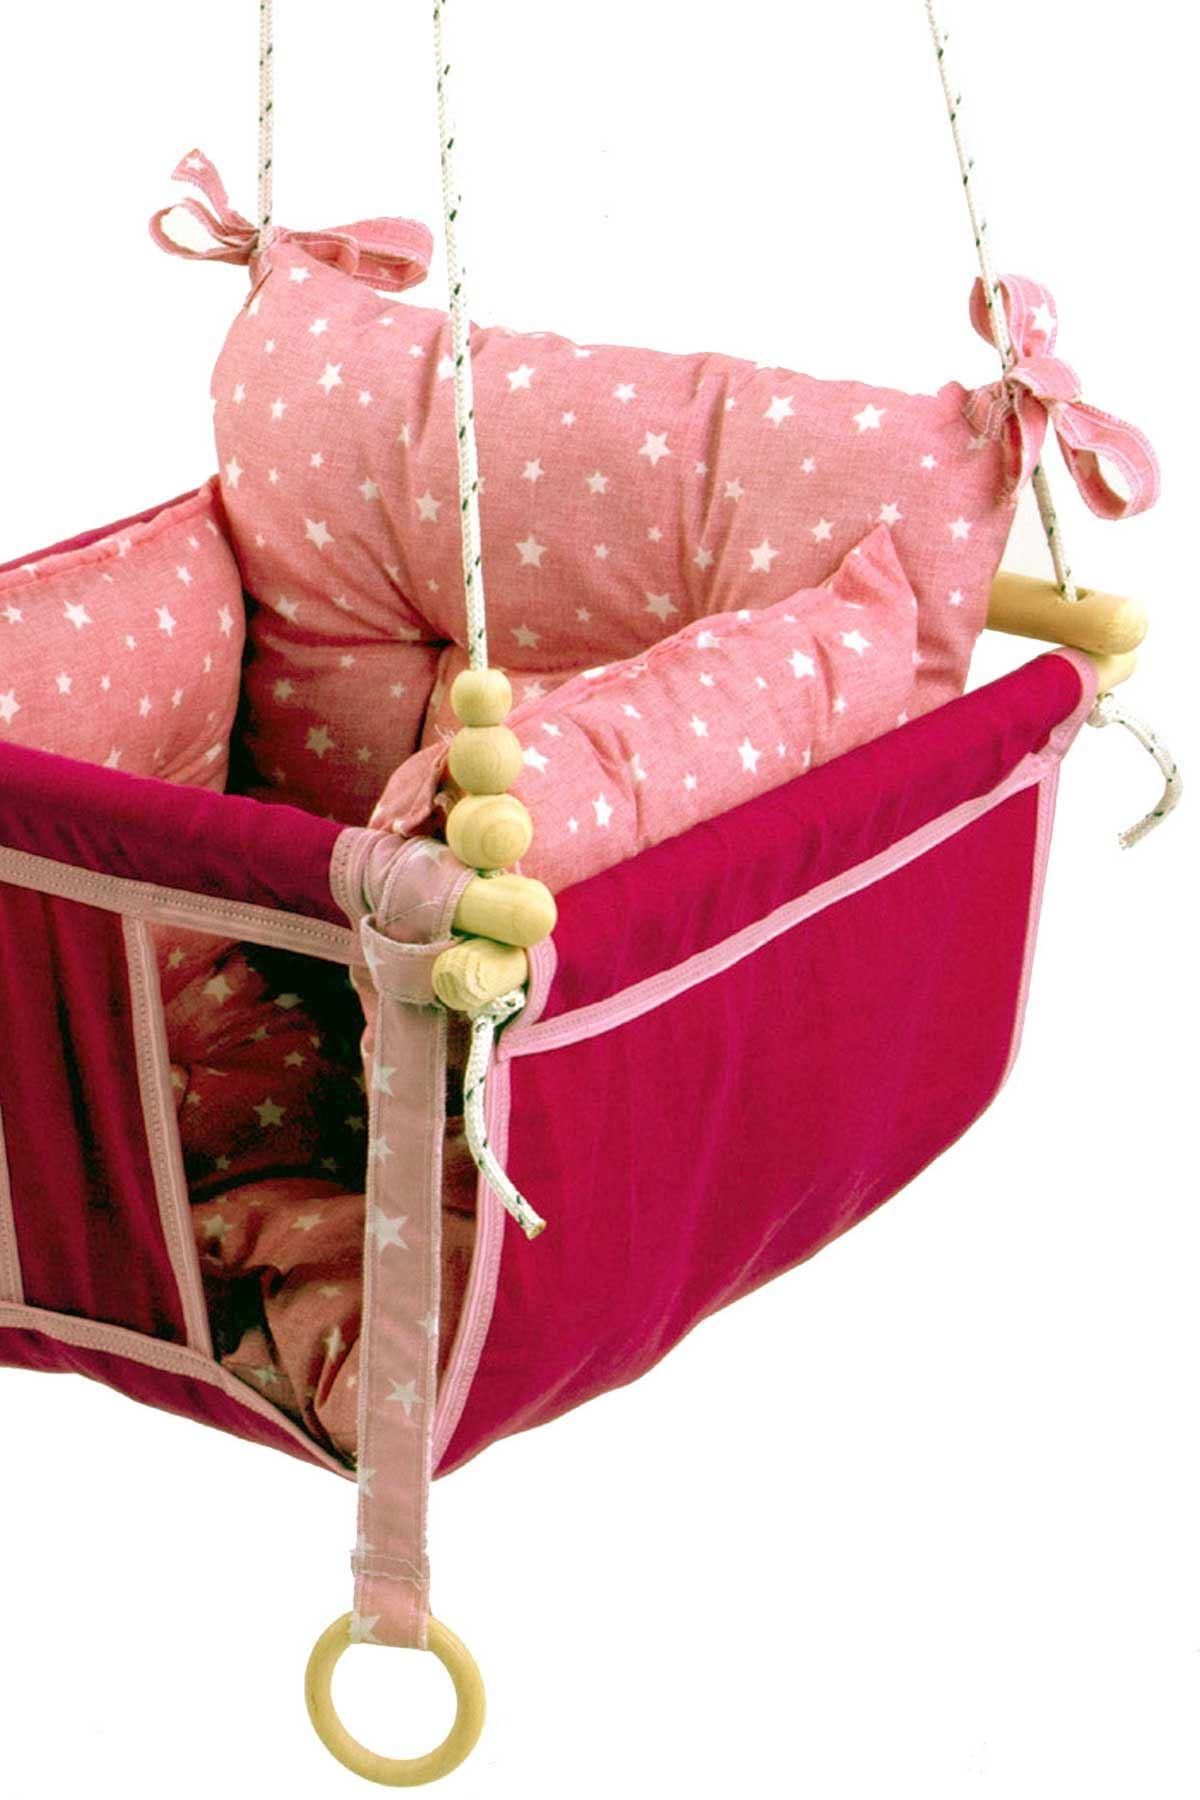 Pembe Wag Swing Çocuk Ahşap Salıncak Bebek Hamak Bahçe Salıcağı